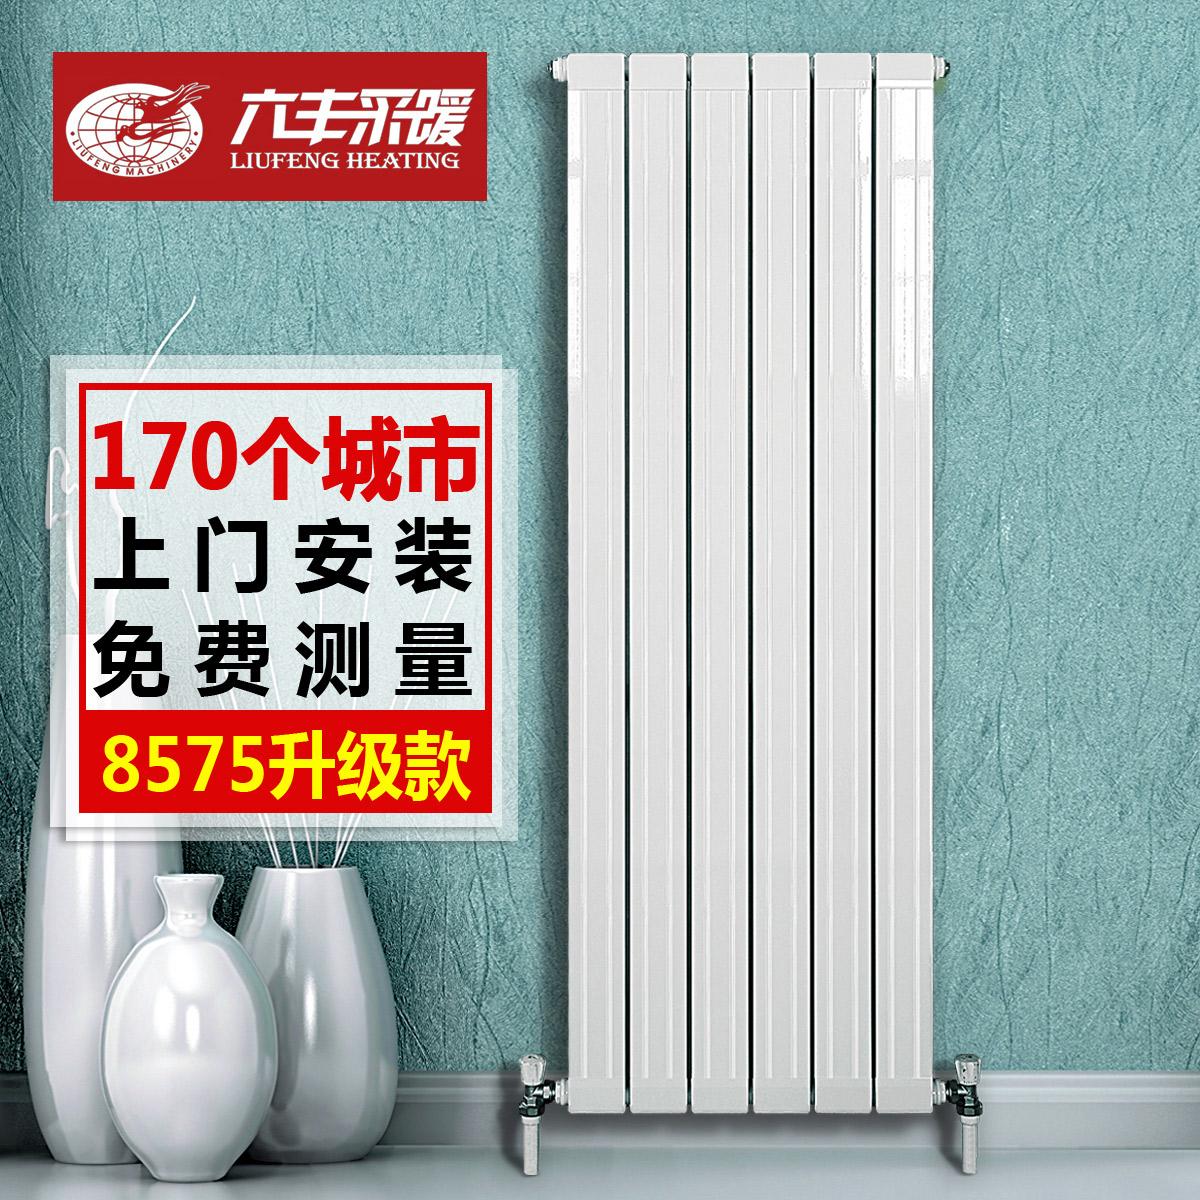 六豐暖氣片銅鋁複合散熱器水暖自采暖定製家用暖氣壁掛式銅鋁